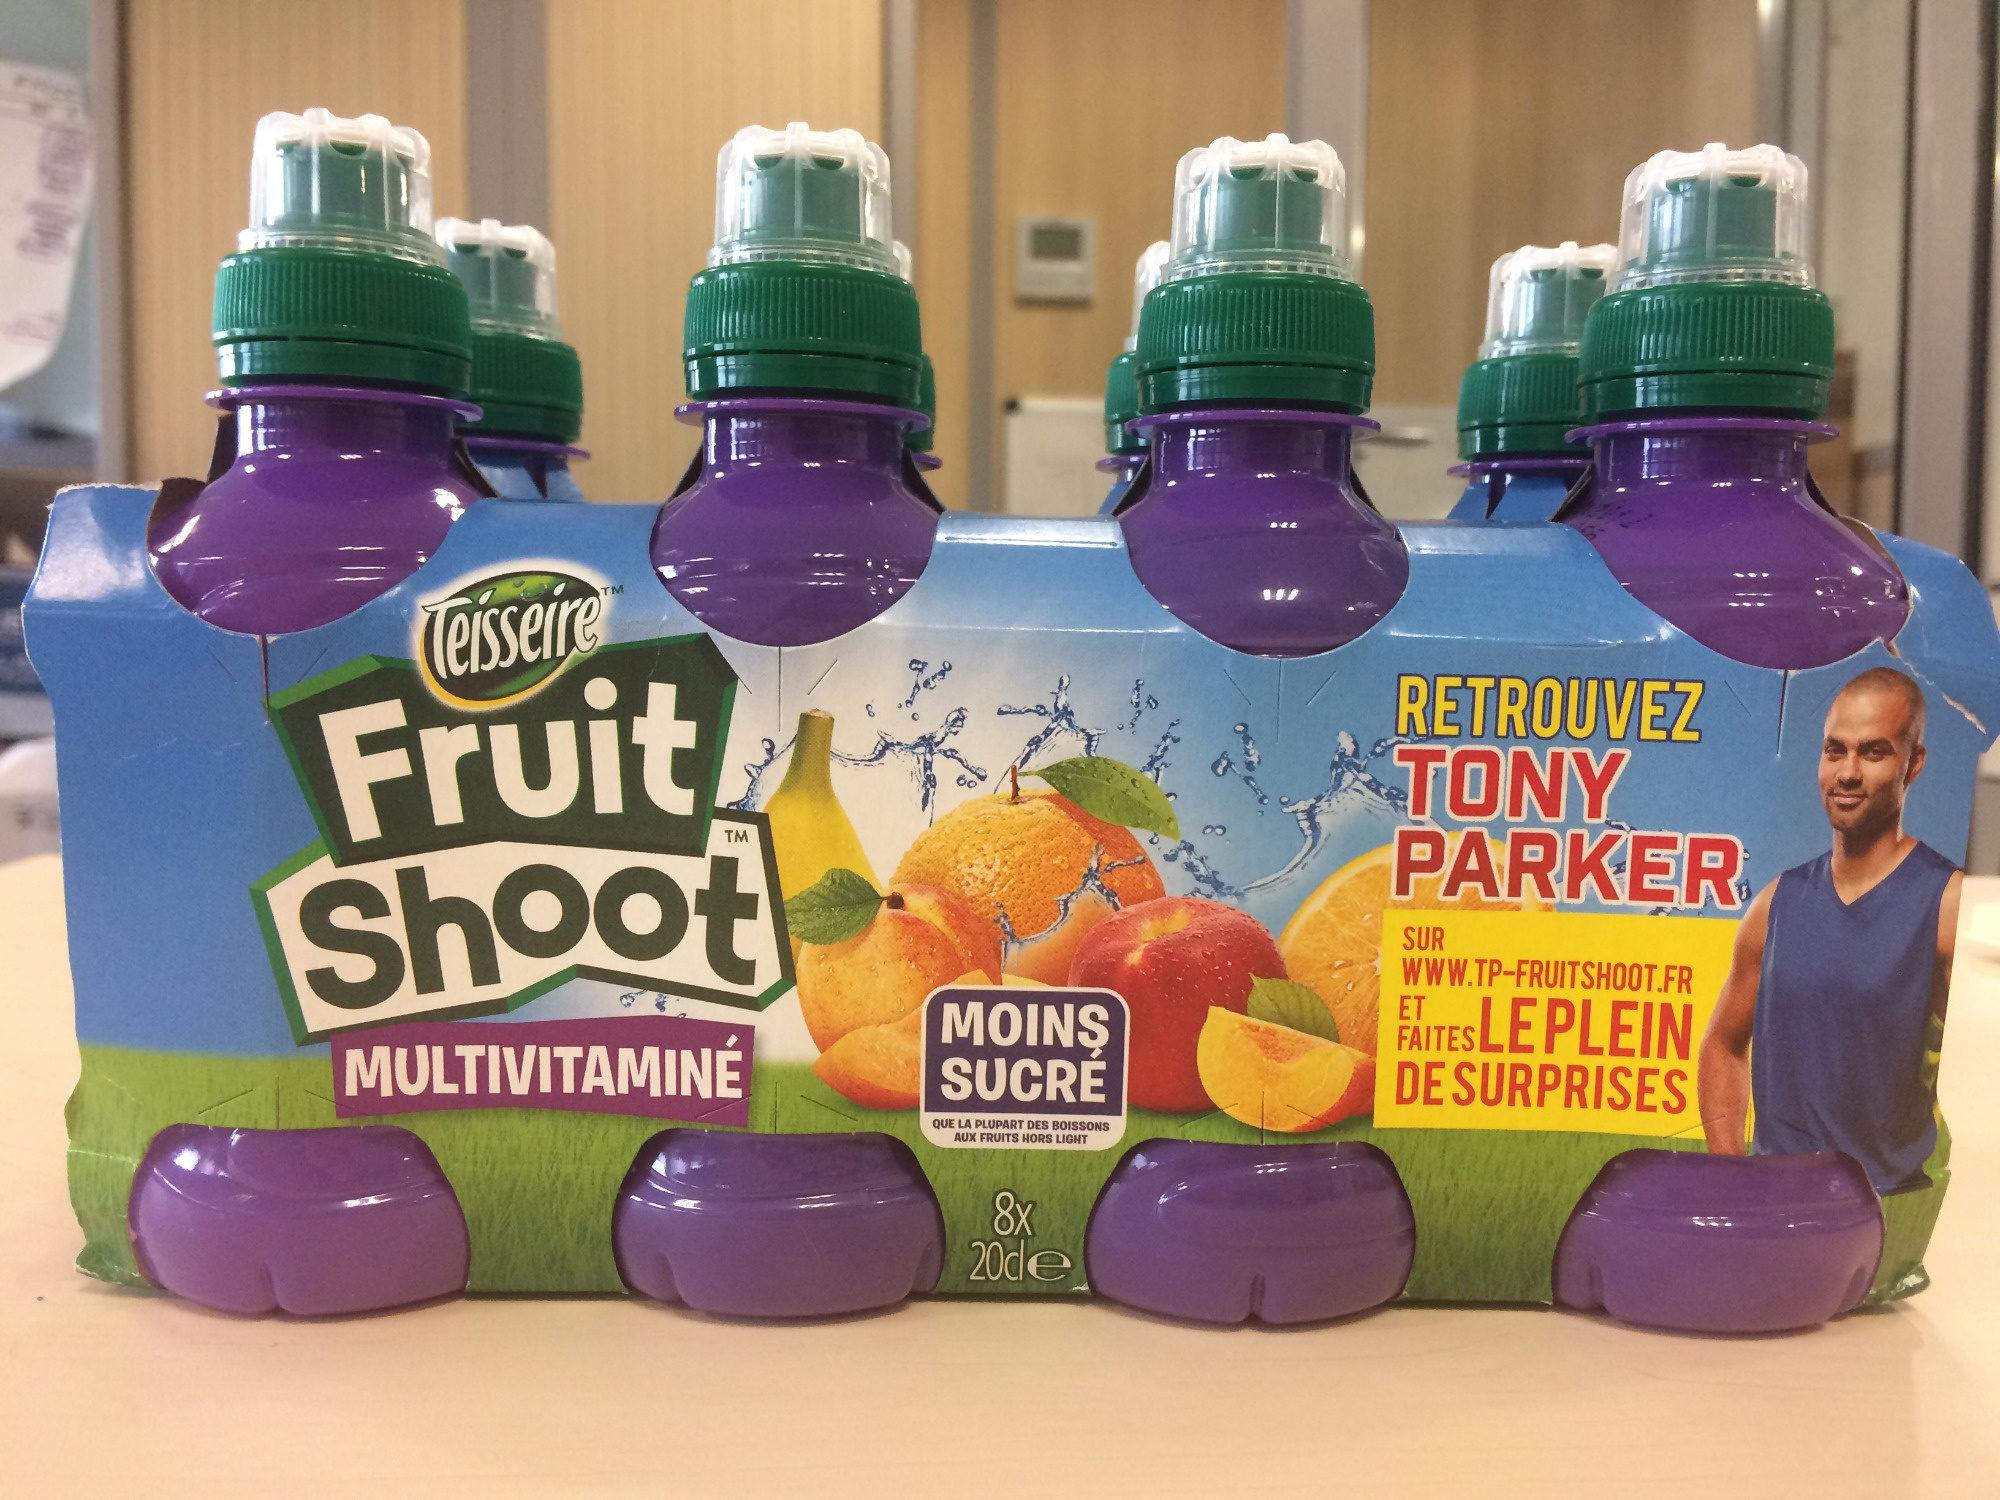 Fruit Shoot Multivitaminé - Produit